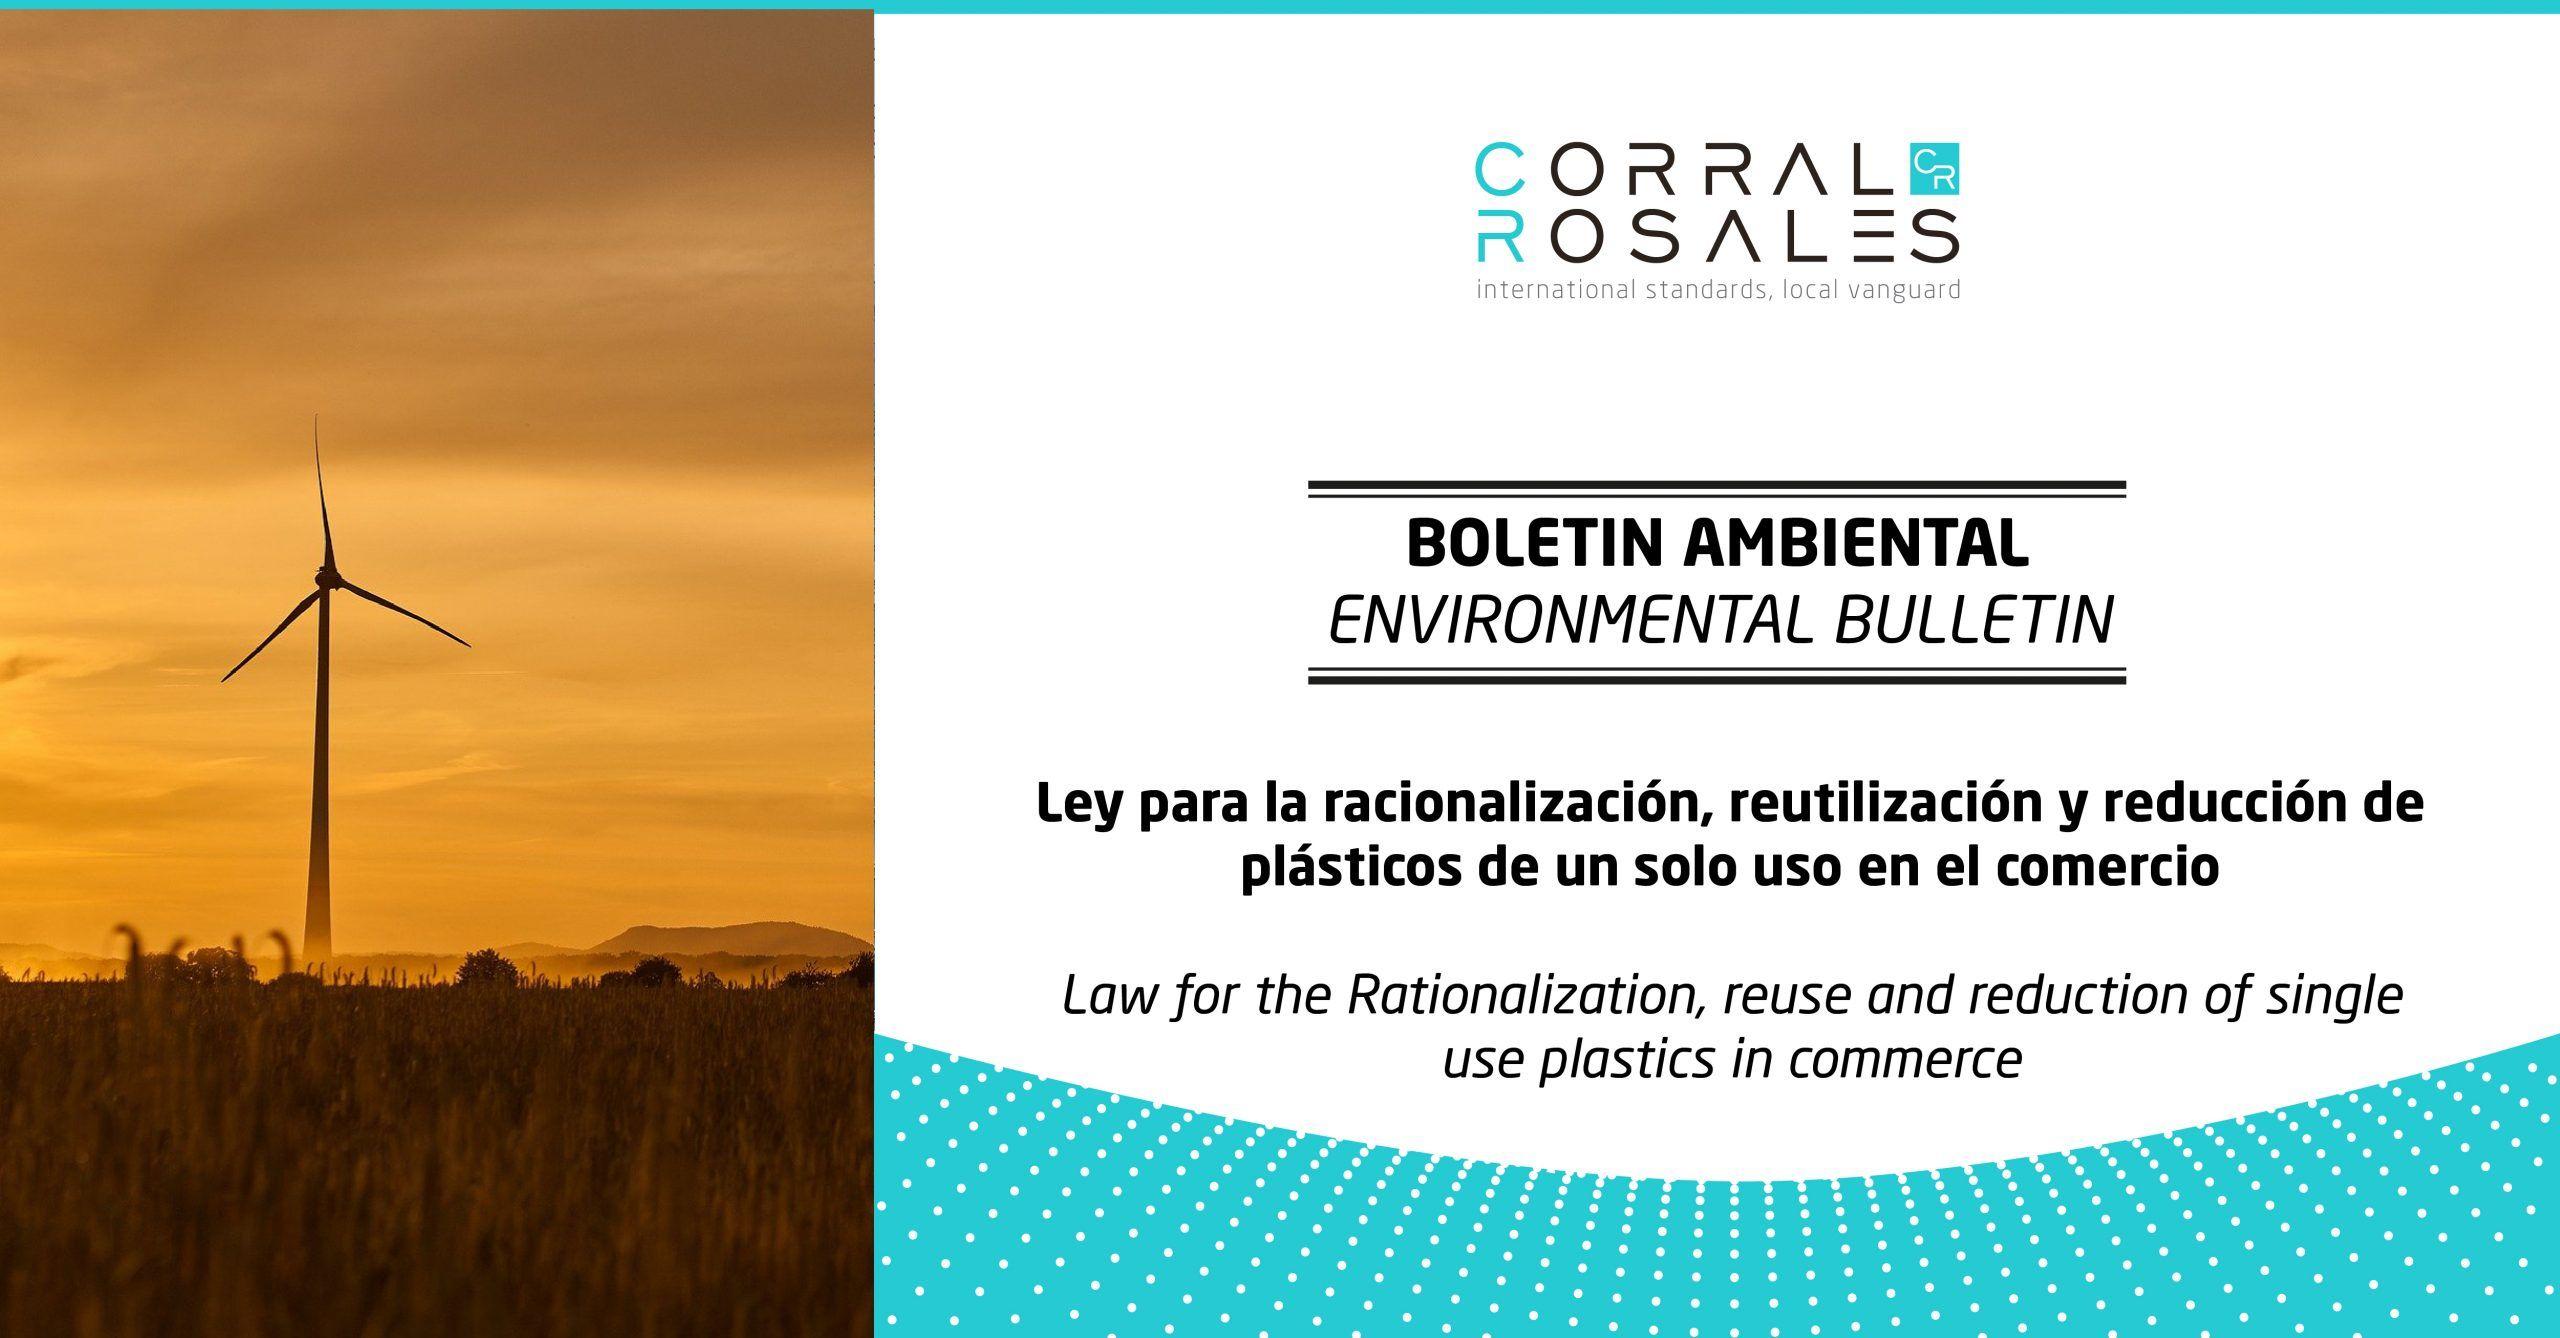 corral-rosales-abogados-ecuador-ley-para-la-racionalizacion-reutilizacion-y-reduccion-de-plasticos-de-un-solo-uso-en-el-comercio